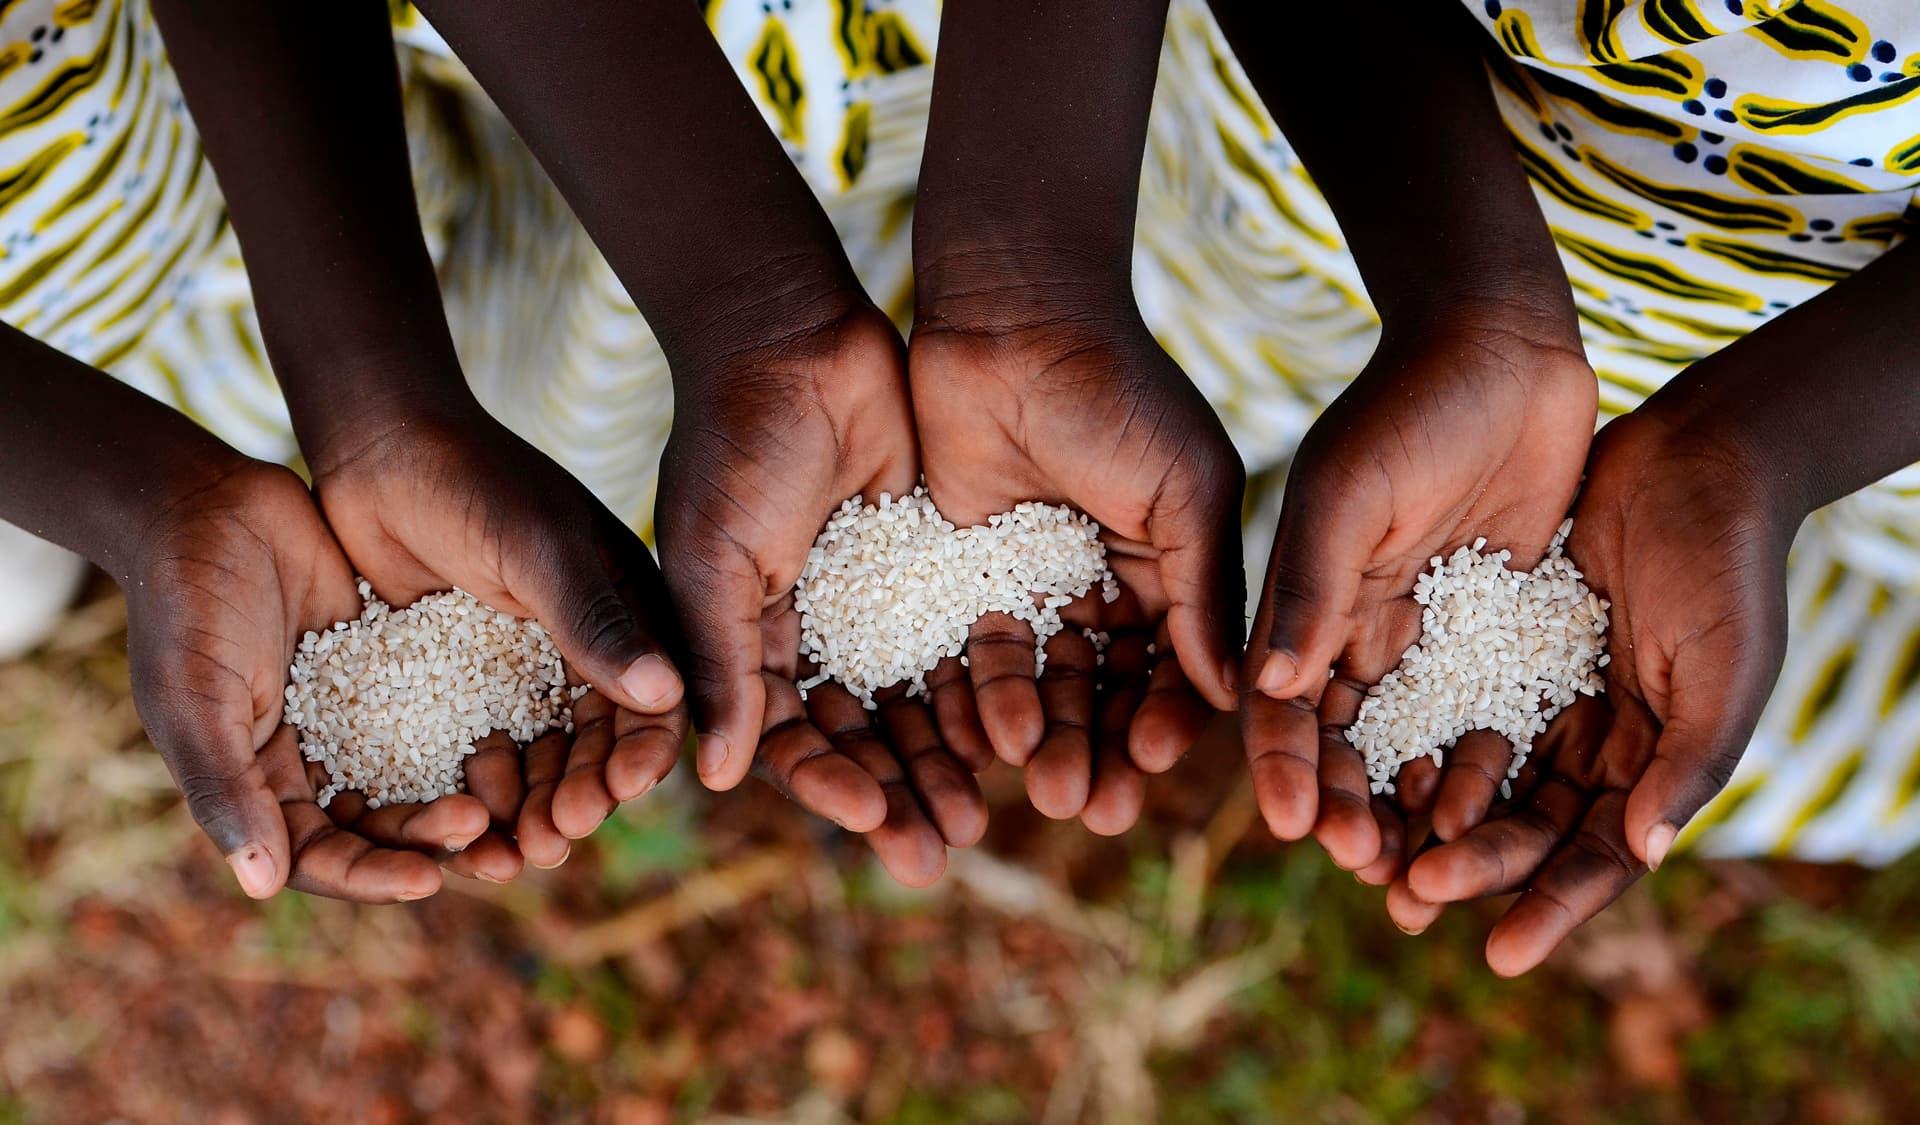 Etwas Reis liegt in Händen